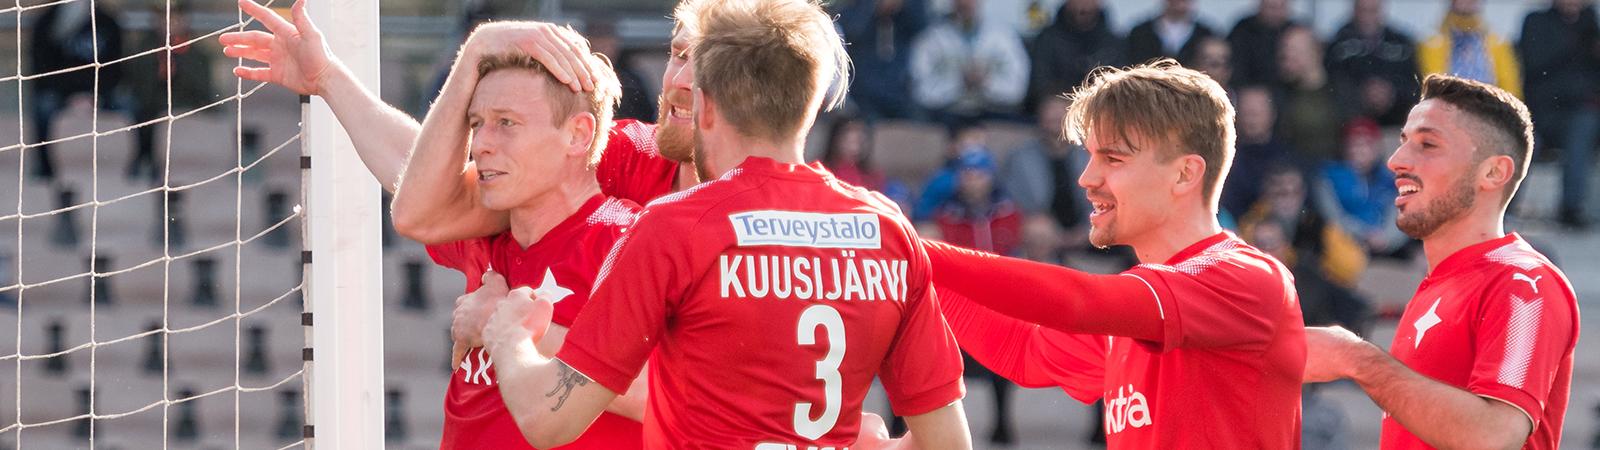 HIFK:lle upea 3-0 vierasvoitto Jyväskylästä <br> &#8211; &#8221;Faneille iso kiitos&#8221;